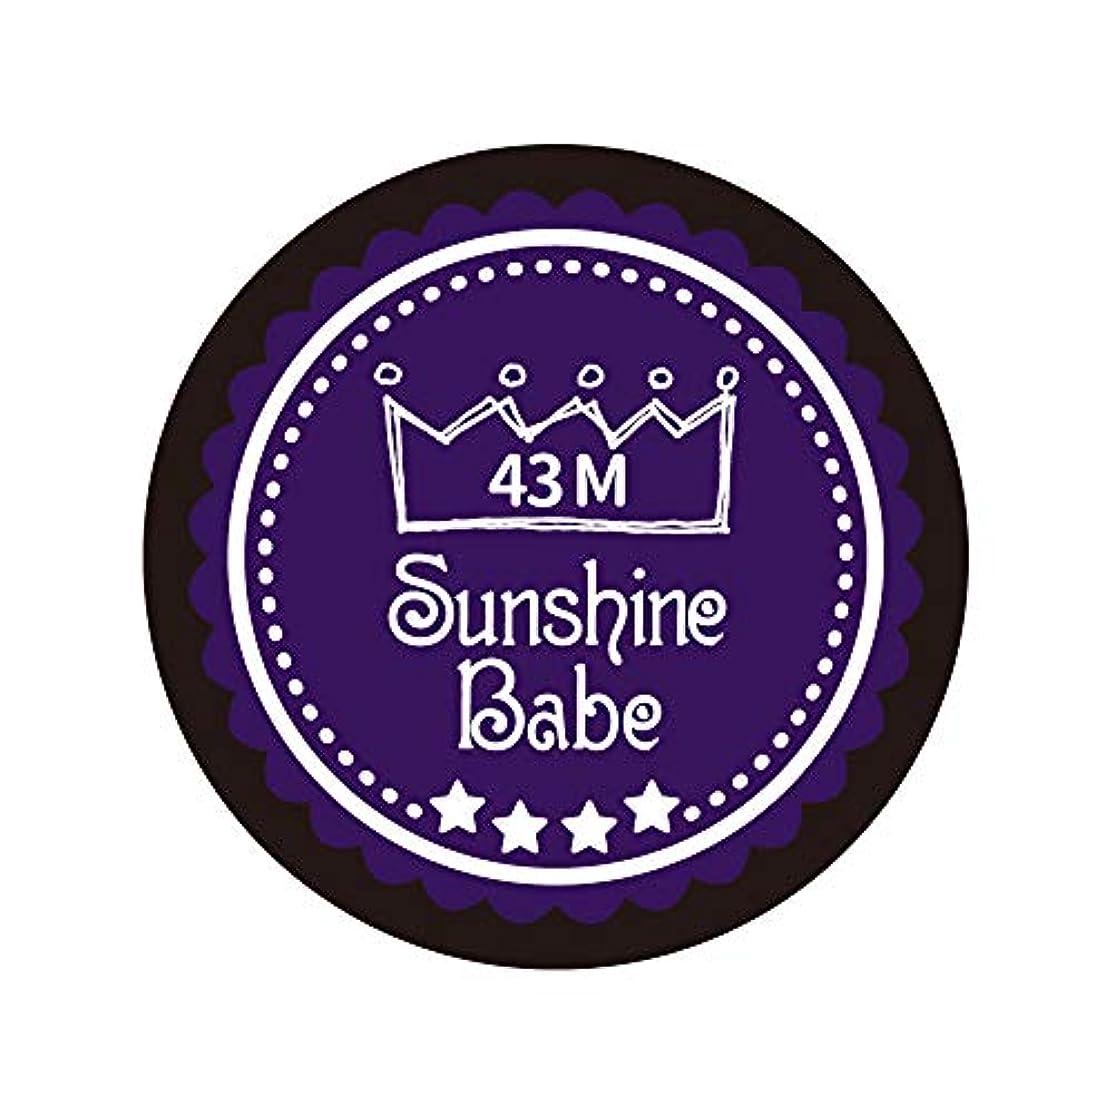 反映する変わる問い合わせSunshine Babe カラージェル 43M オータムウルトラバイオレット 4g UV/LED対応